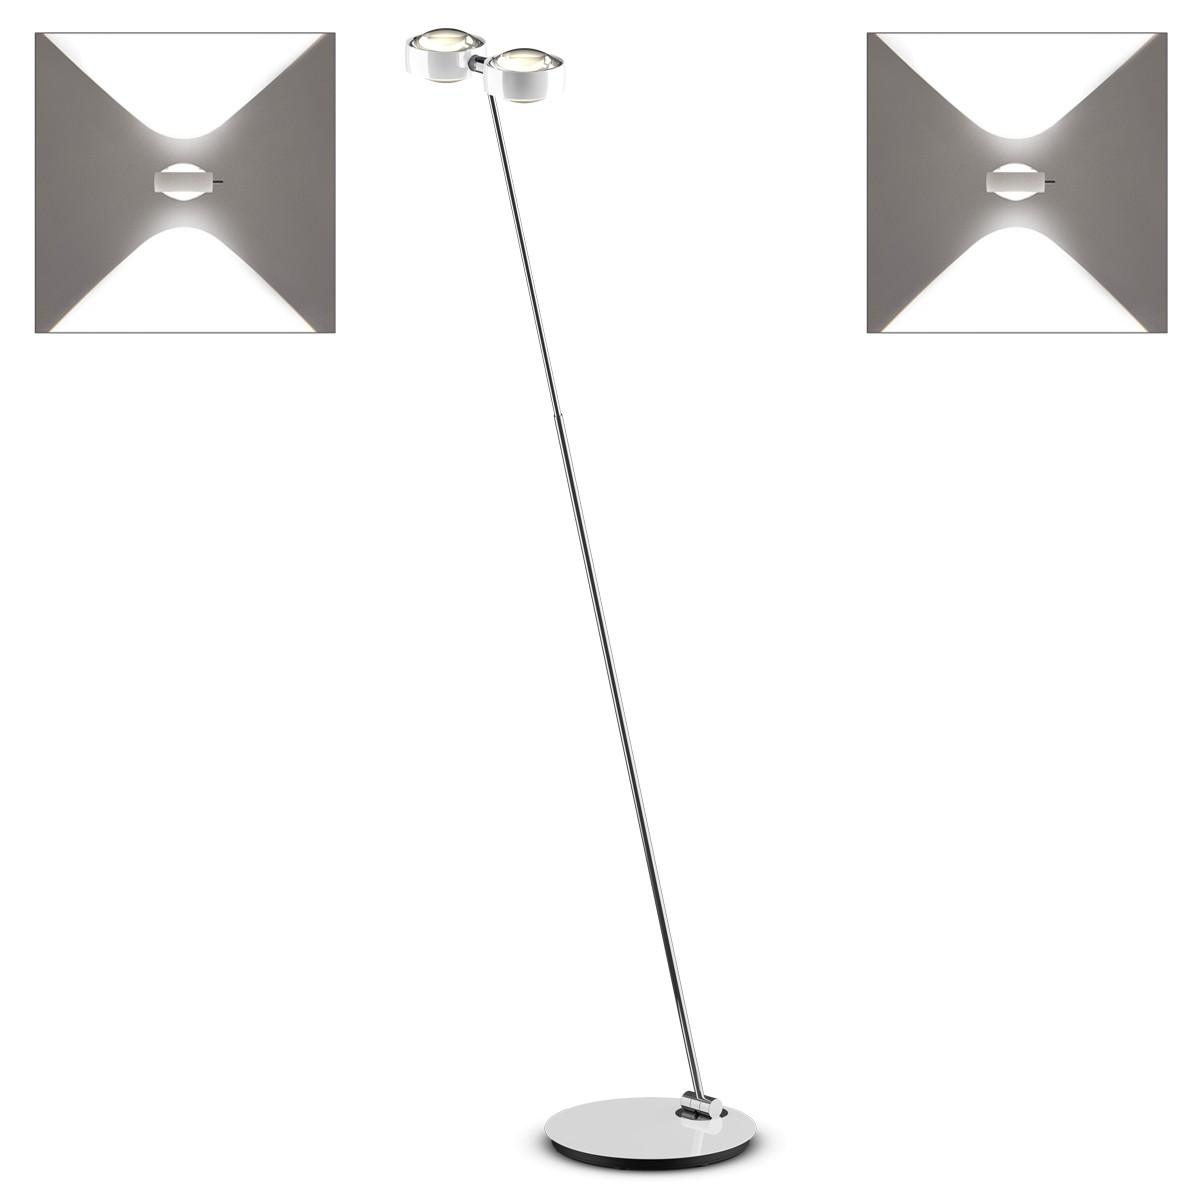 Occhio Sento D LED terra Stehleuchte, 2700 K, Chrom / weiß glänzend